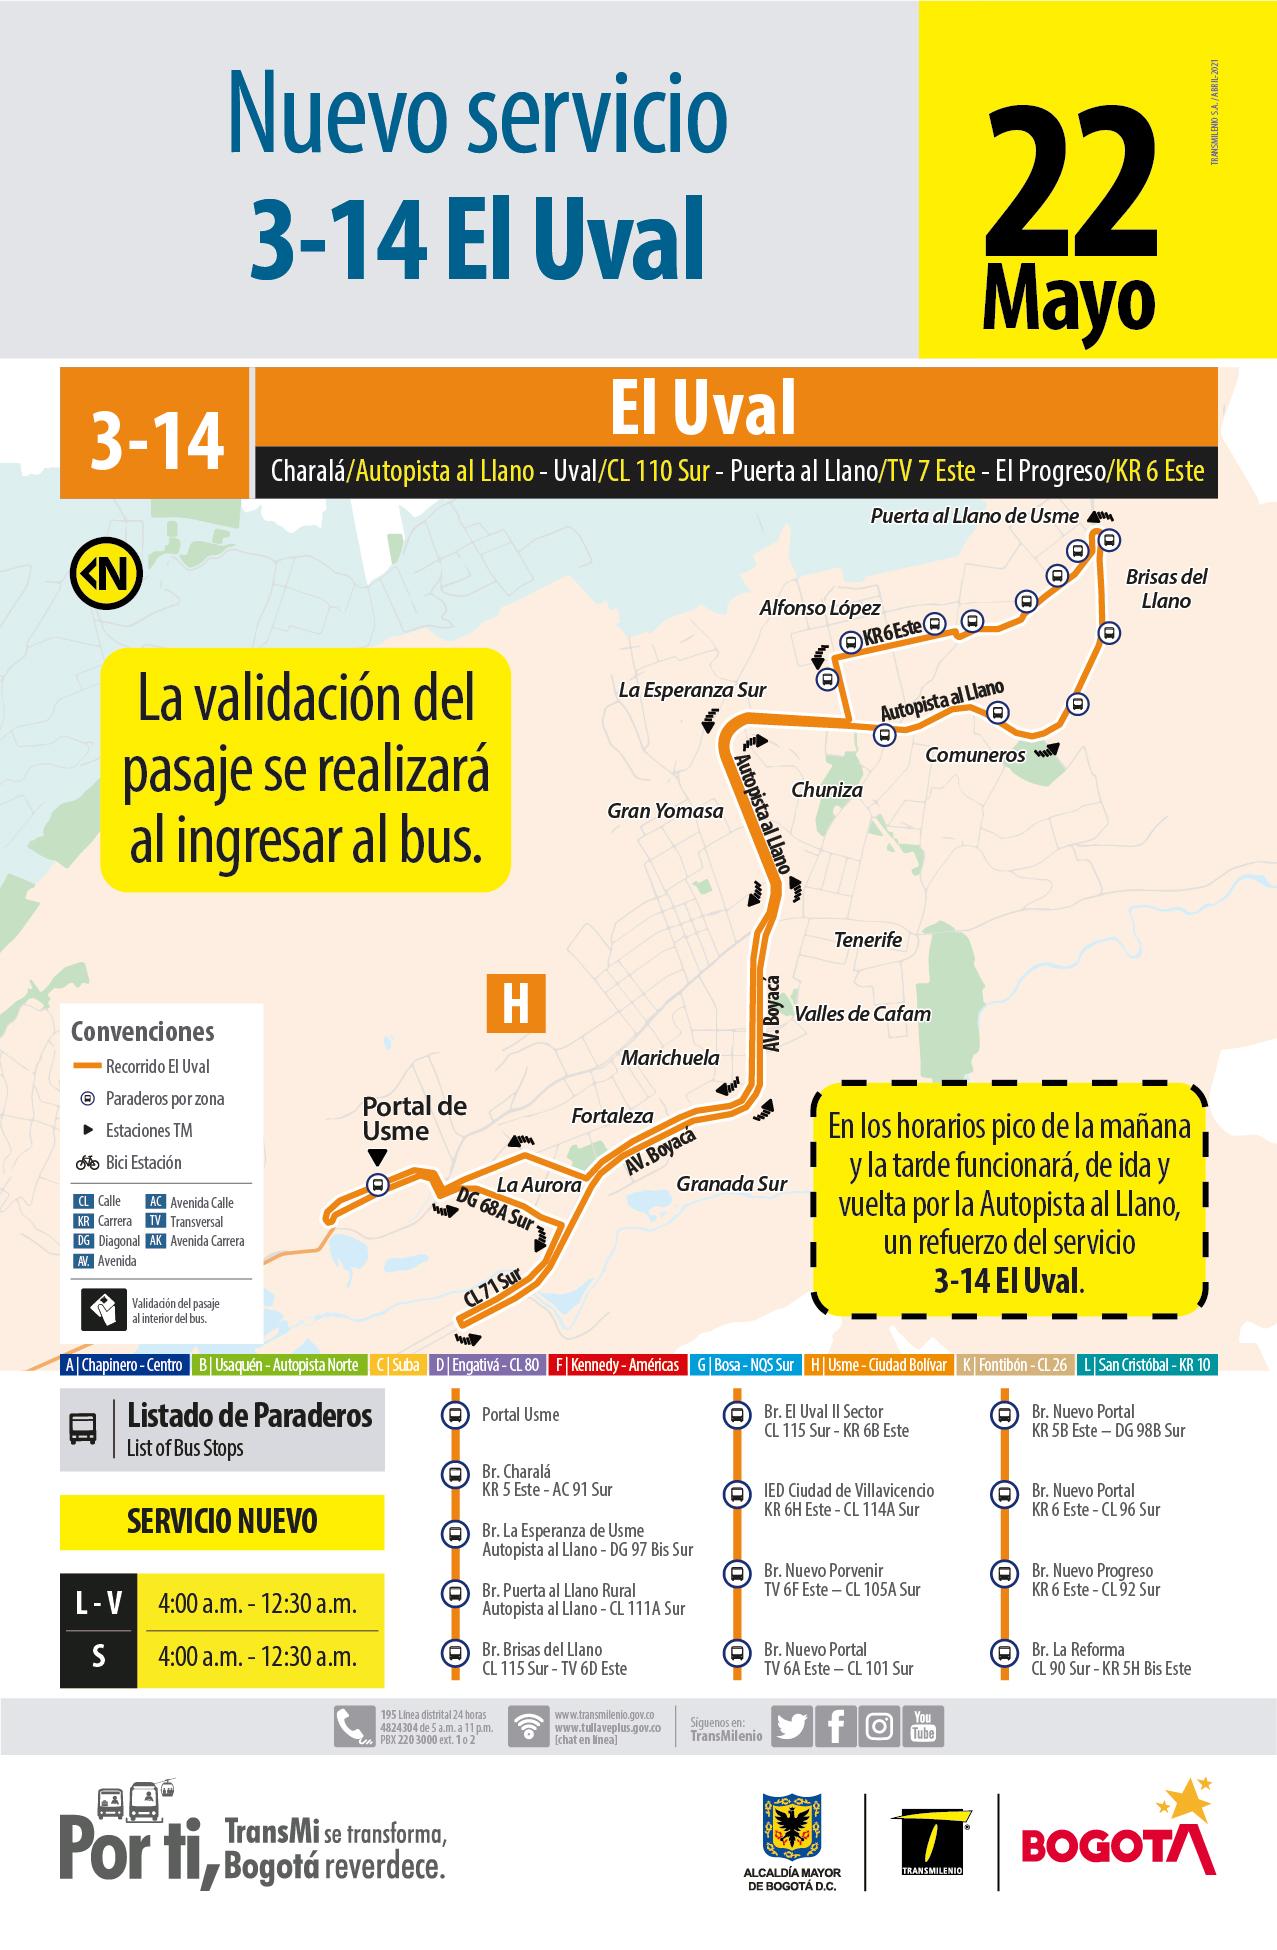 3-14 El Uval  (Nuevo Servicio)